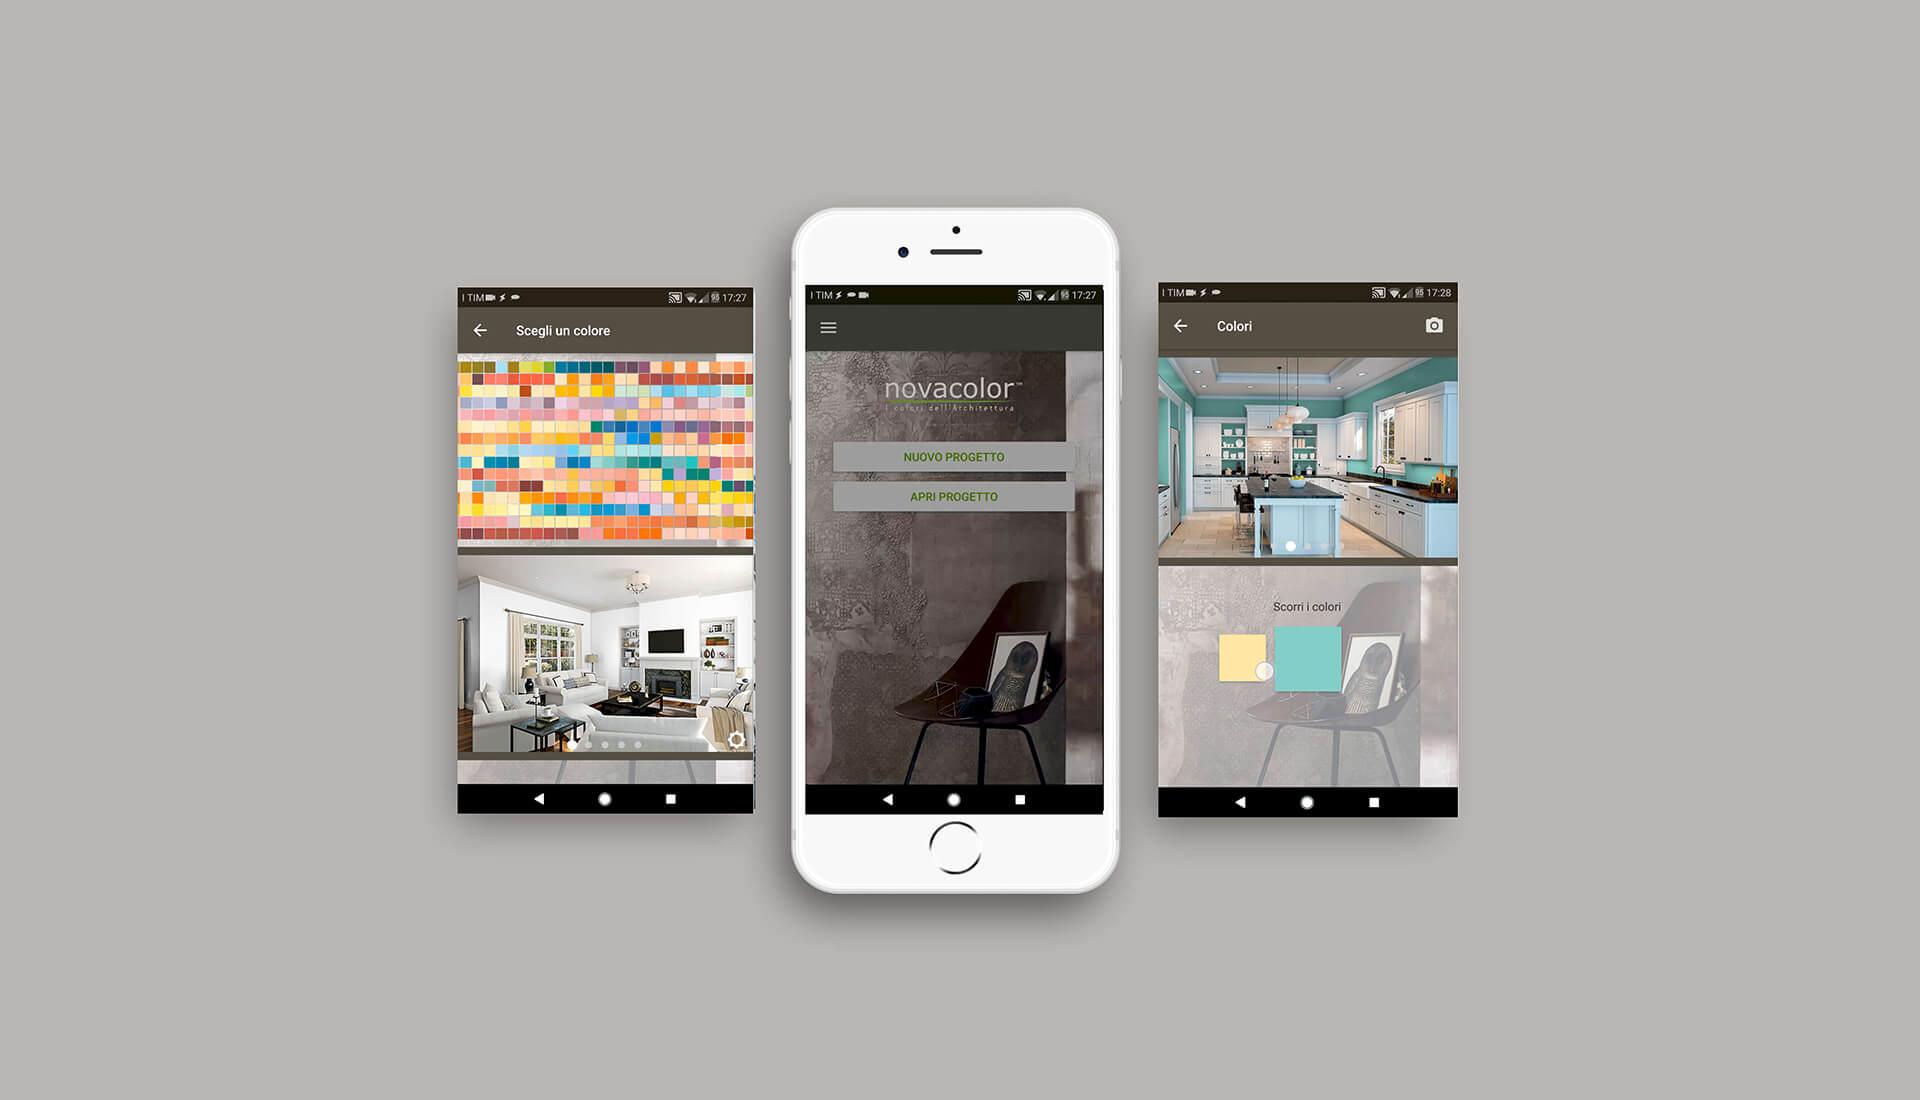 Come dipingere casa? Una nuova app per aiutarti a scegliere i colori